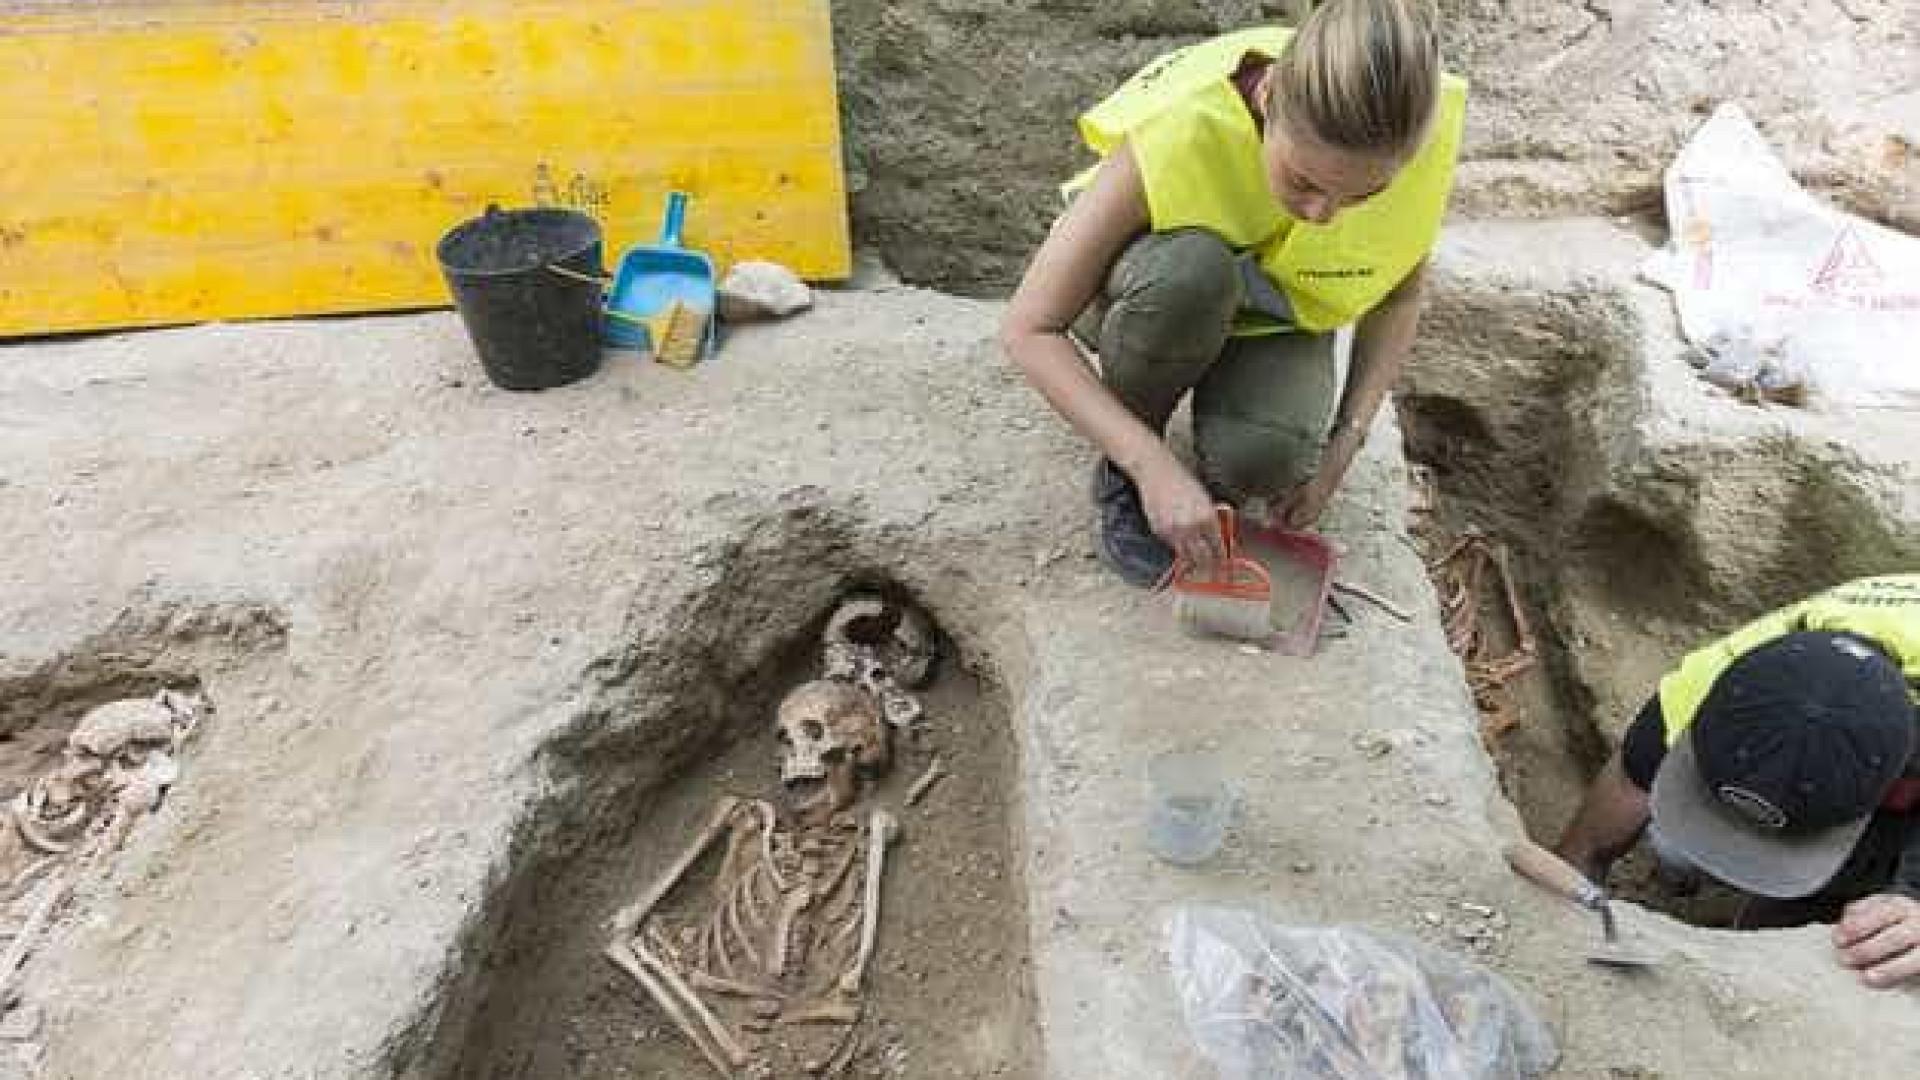 Arqueólogos descobrem cemitério medieval em área turística de Lisboa